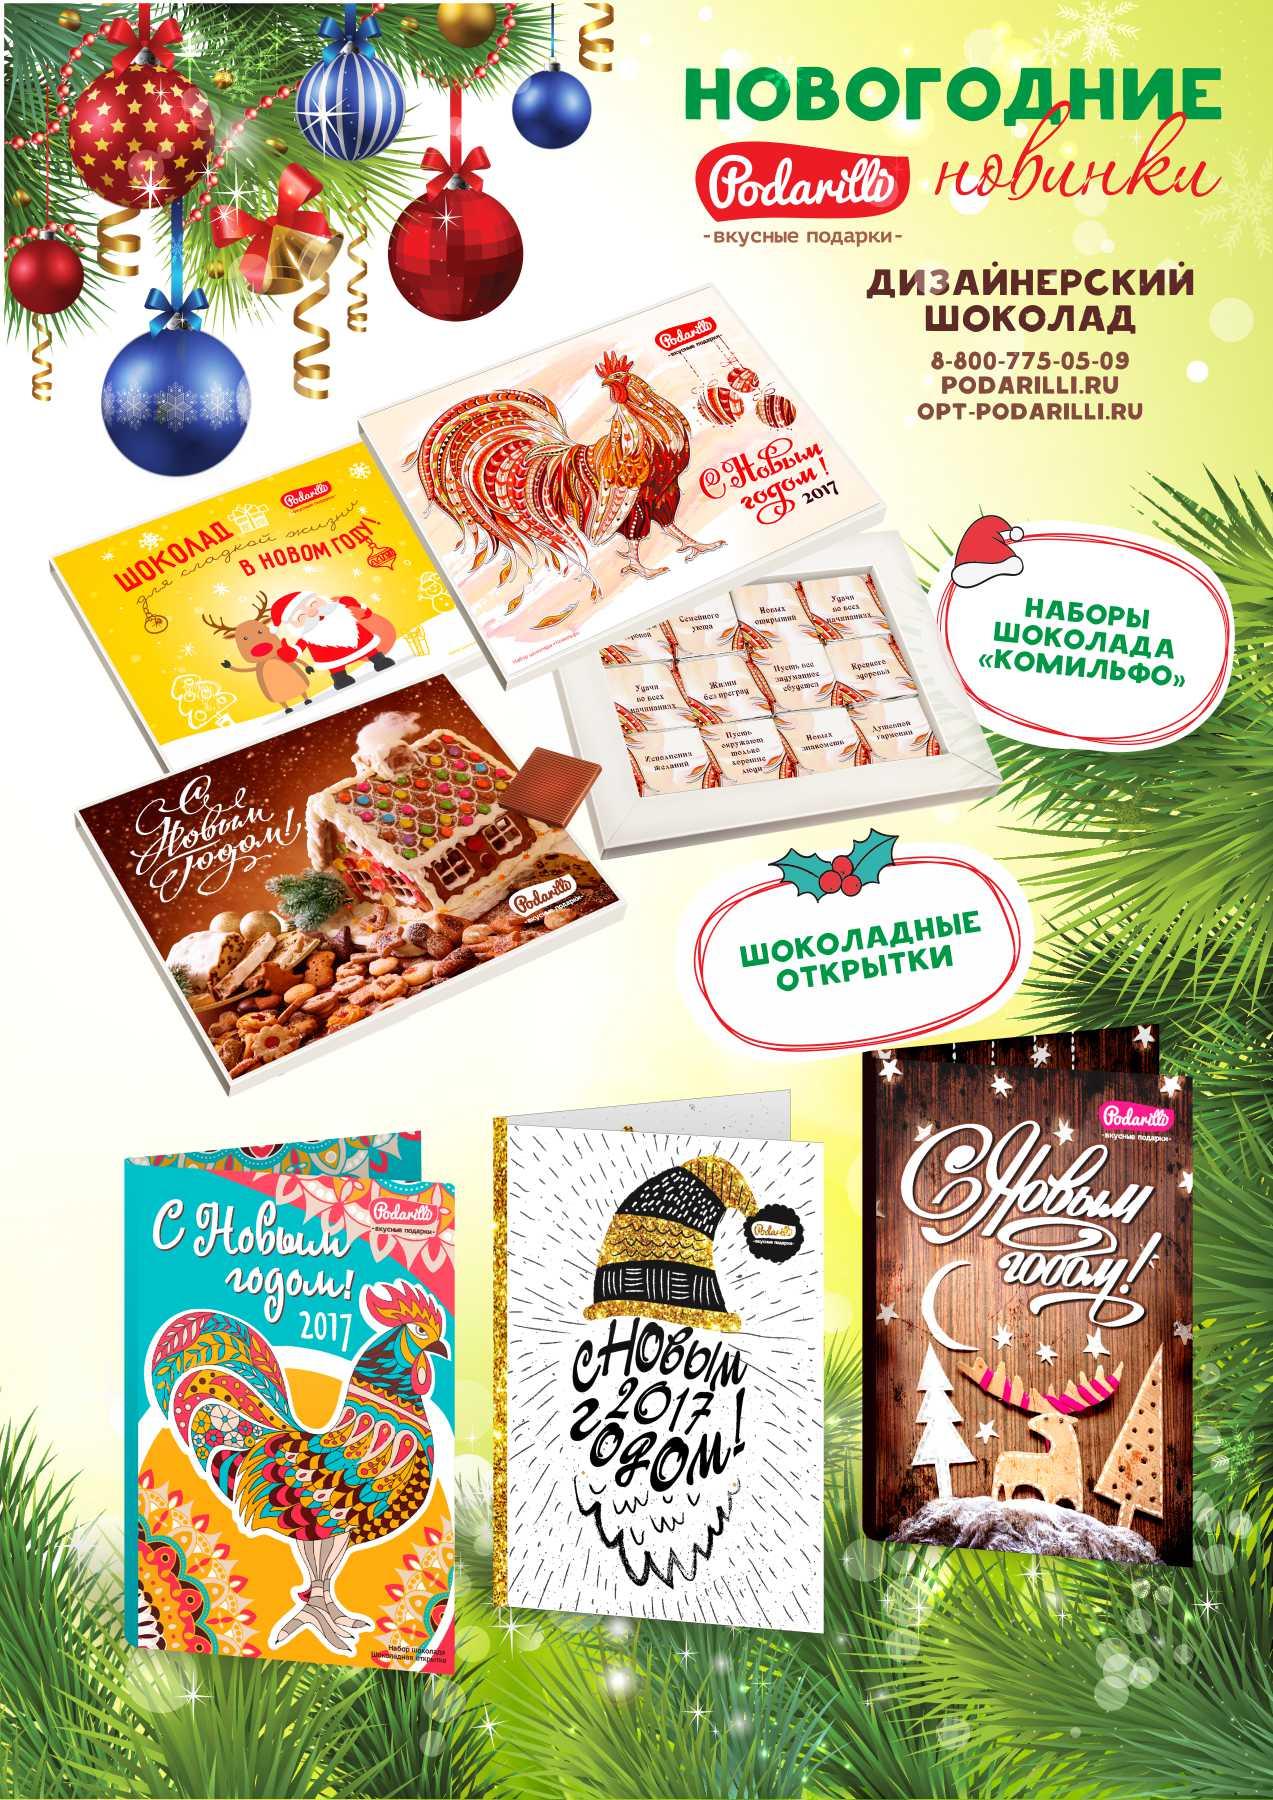 Сбор заказов. Пора готовиться к Новому году! Выкуп-12. Подарили шоколадку! Уникальный вкуснейший дизайнерский шоколад из бельгийского сырья. Без пальмового масла! Для сладкоежек и не только! На все случаи жизни! Новогодние новинки.